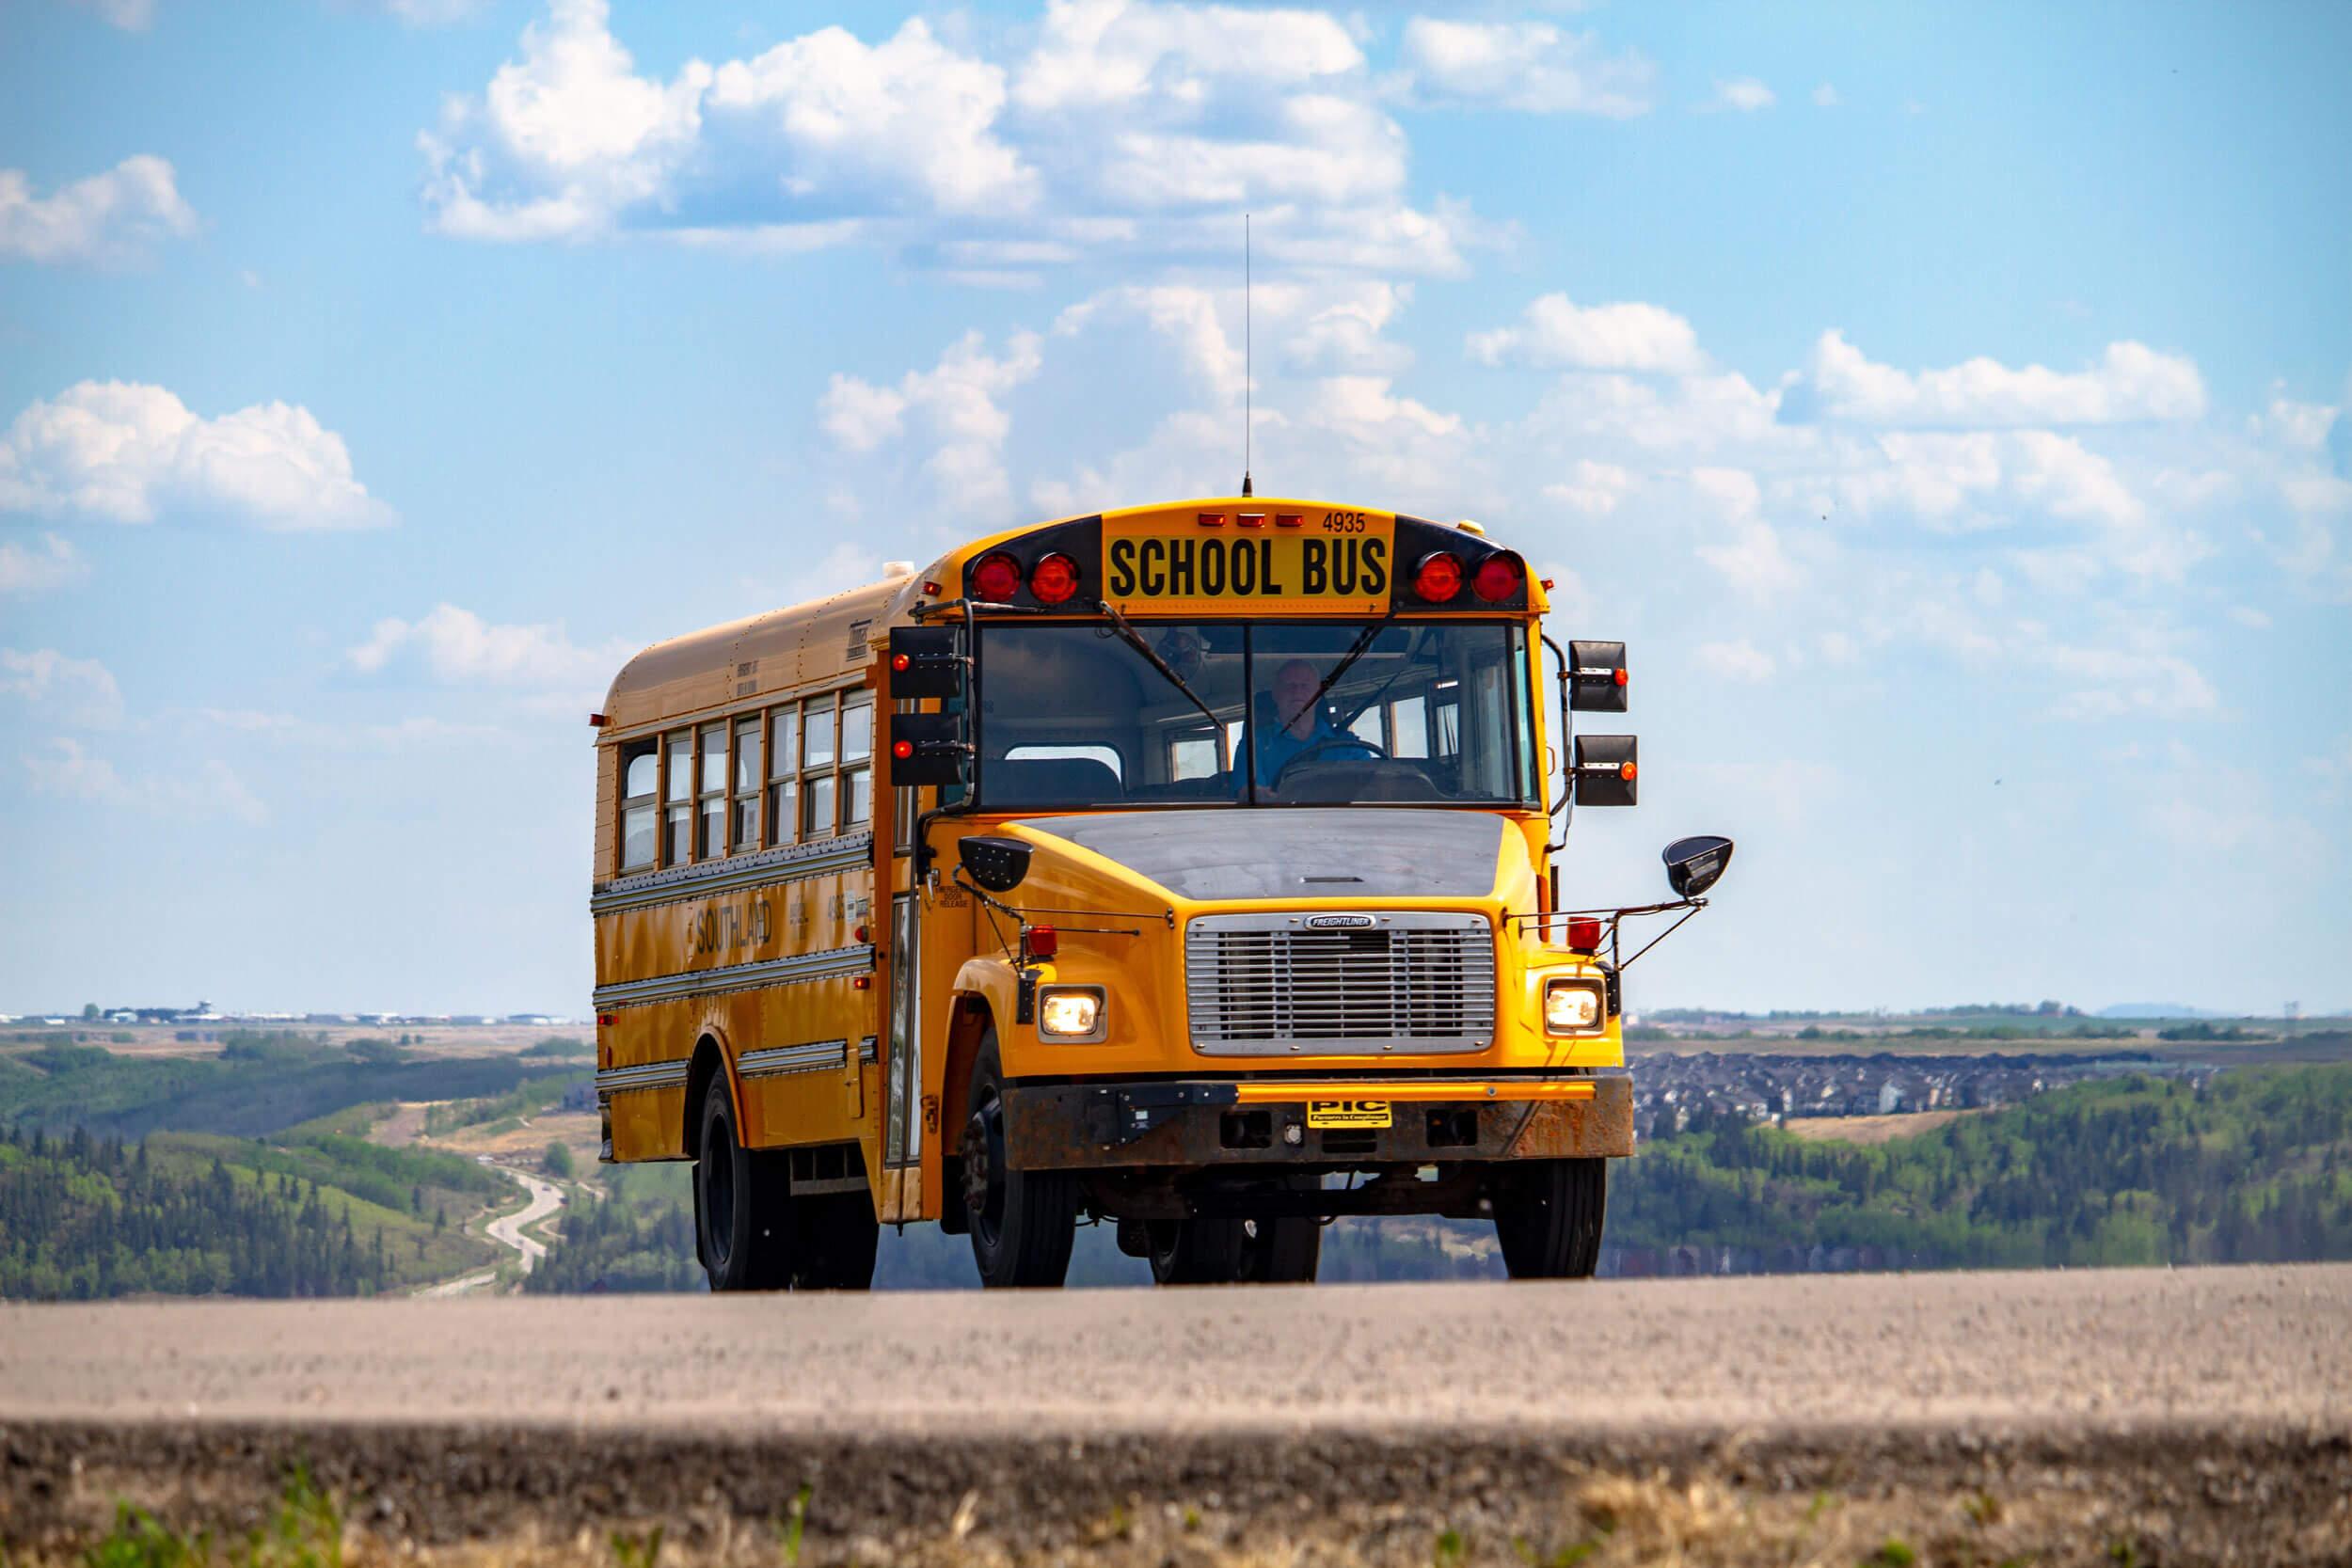 Amerikanischer Schulbus (Symbolbild) -- Bild: Denisse Leon auf Unsplash